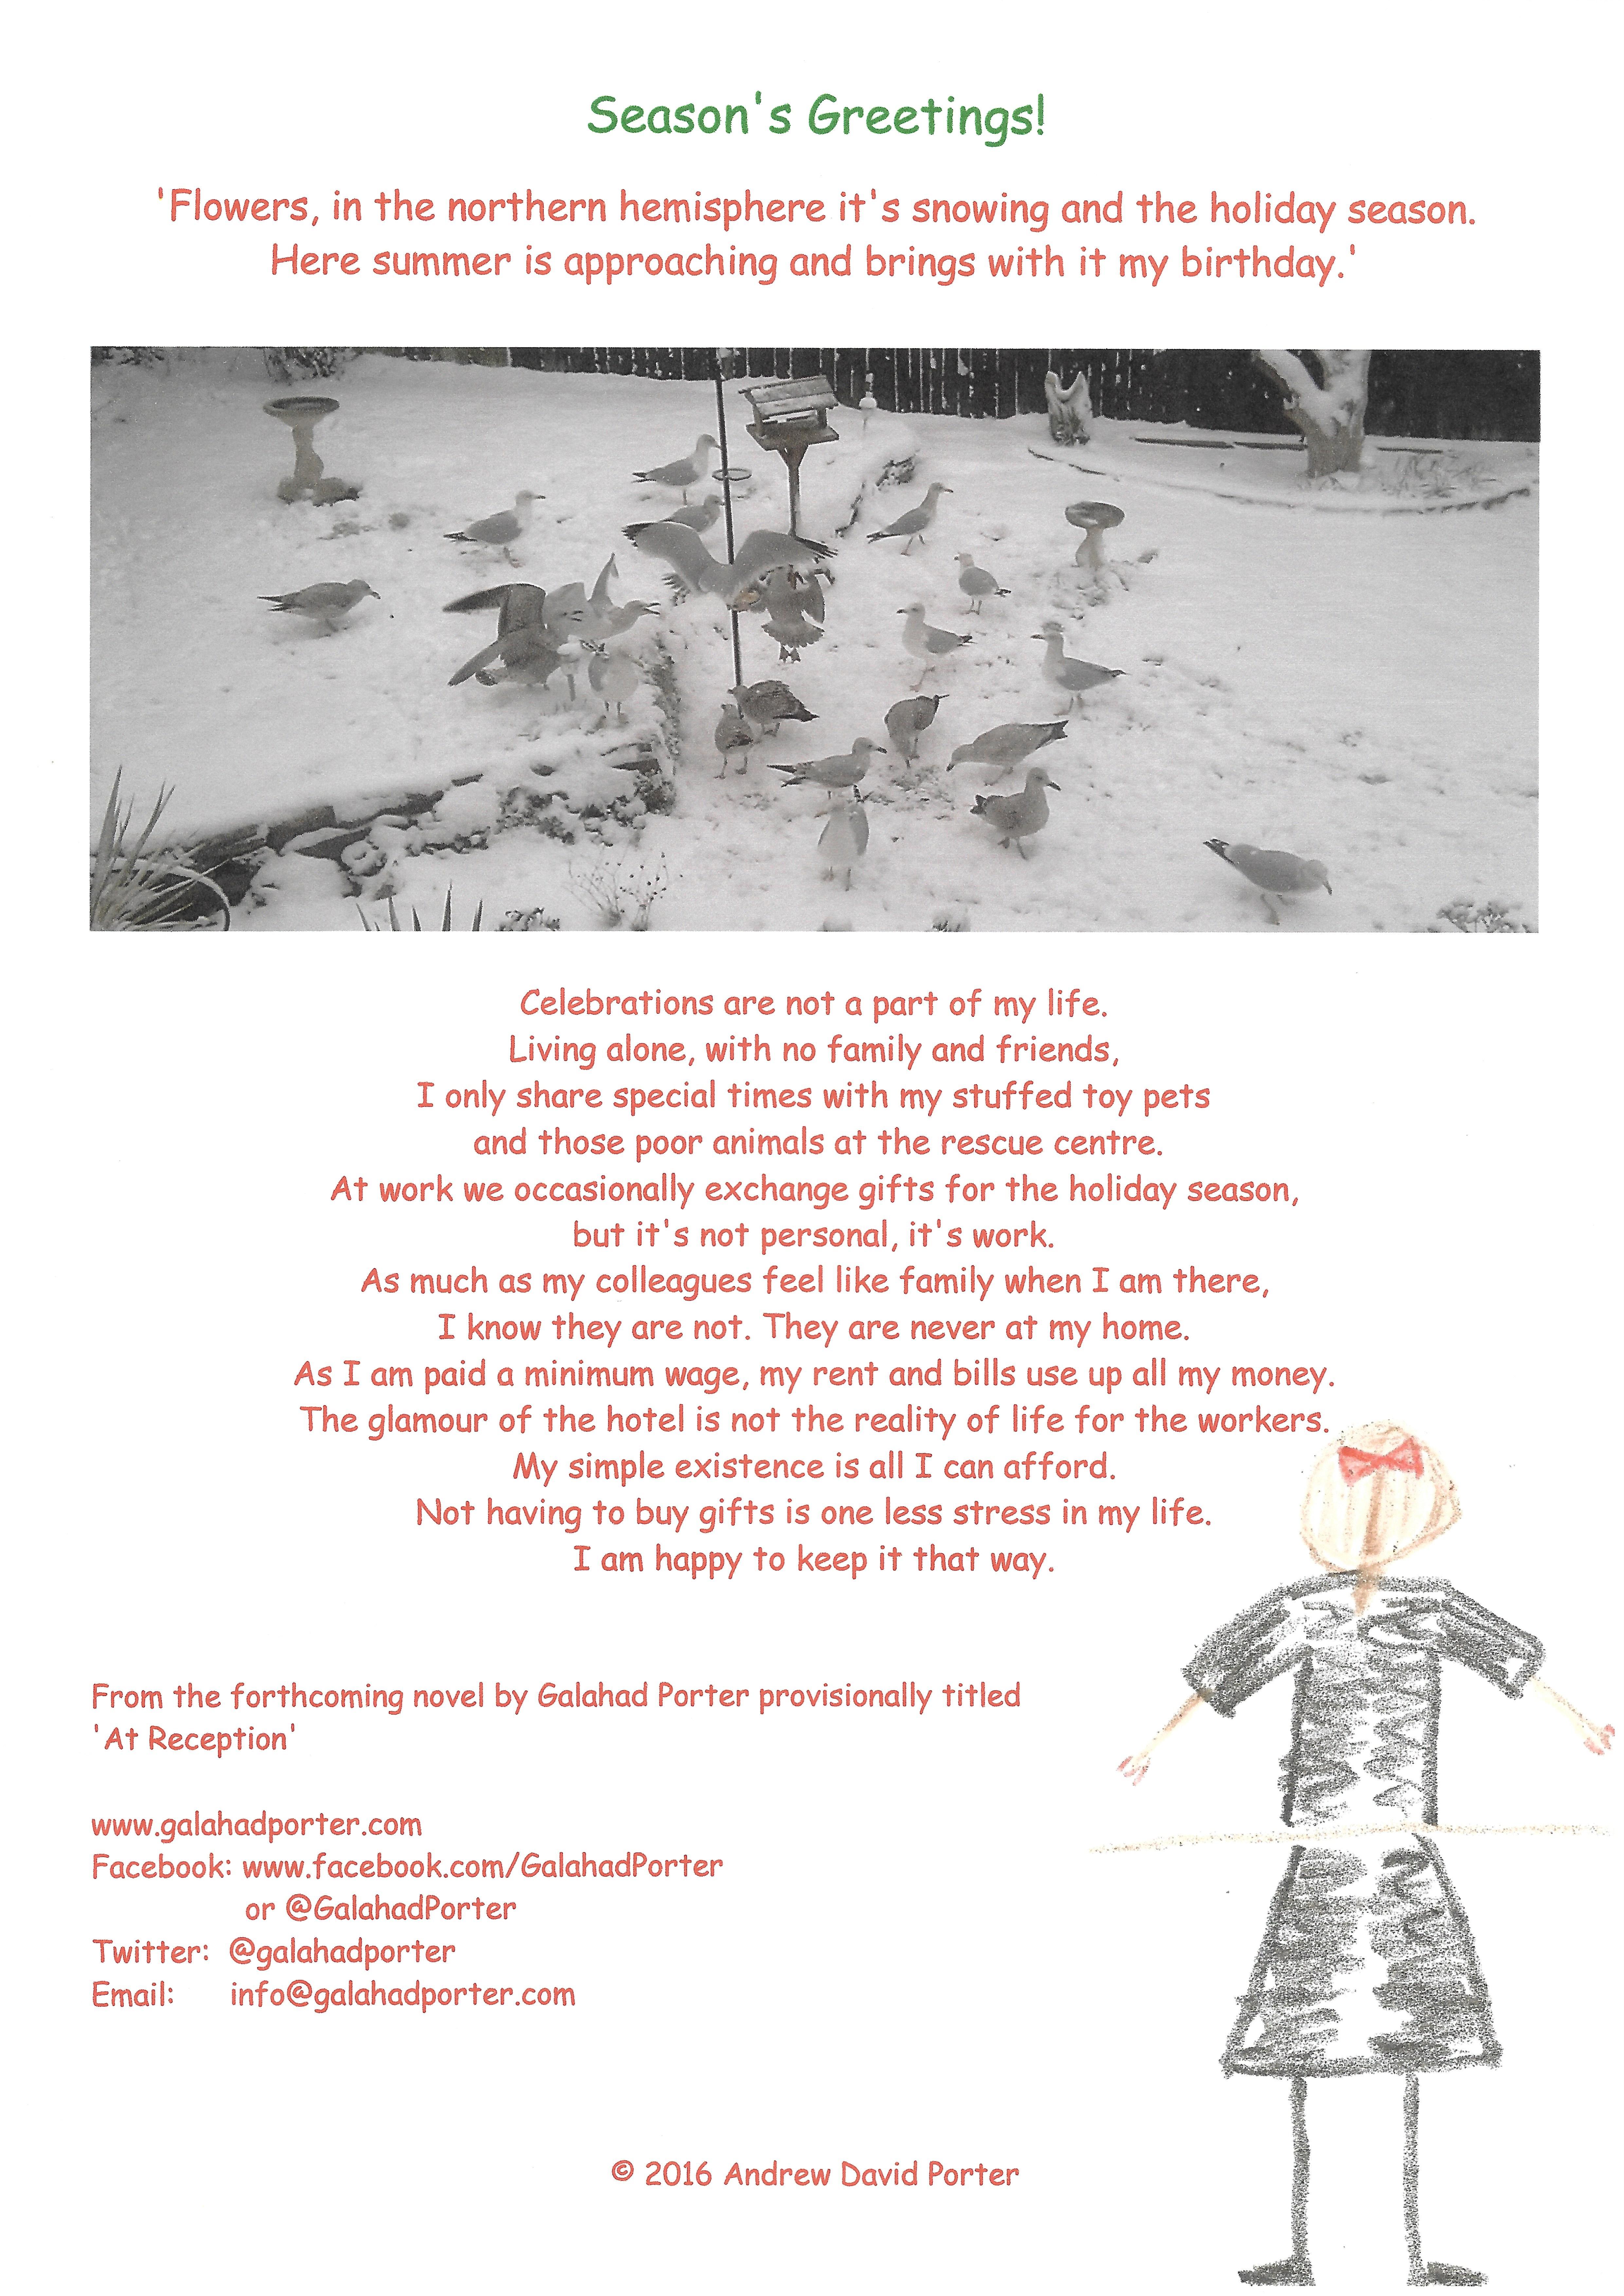 Galahad porter writer seasonal greetingsg kristyandbryce Images